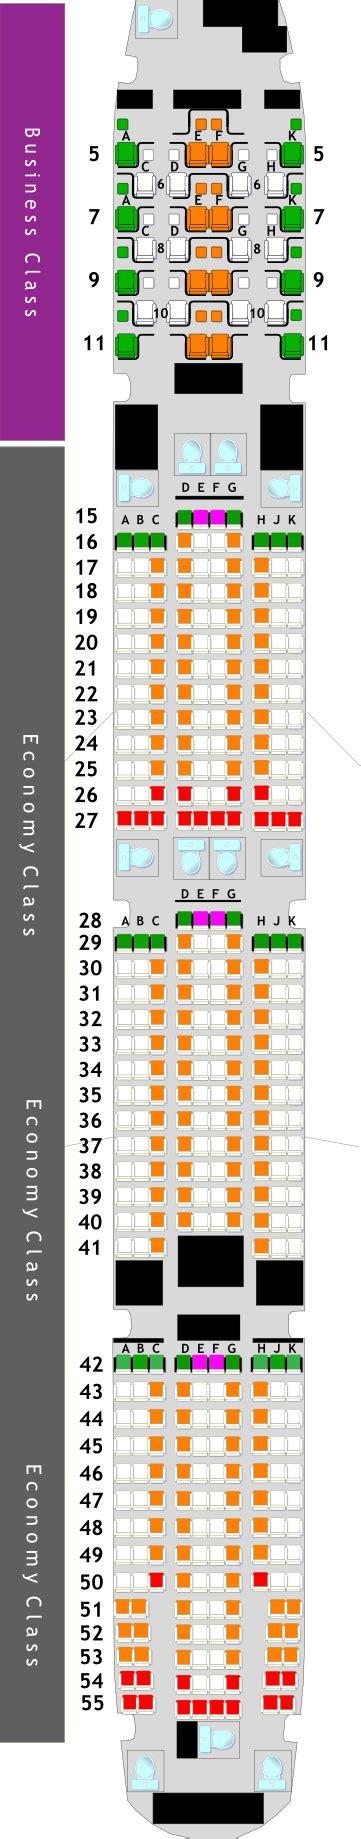 boeing 777 300er seat map boeing 777 300er seat map